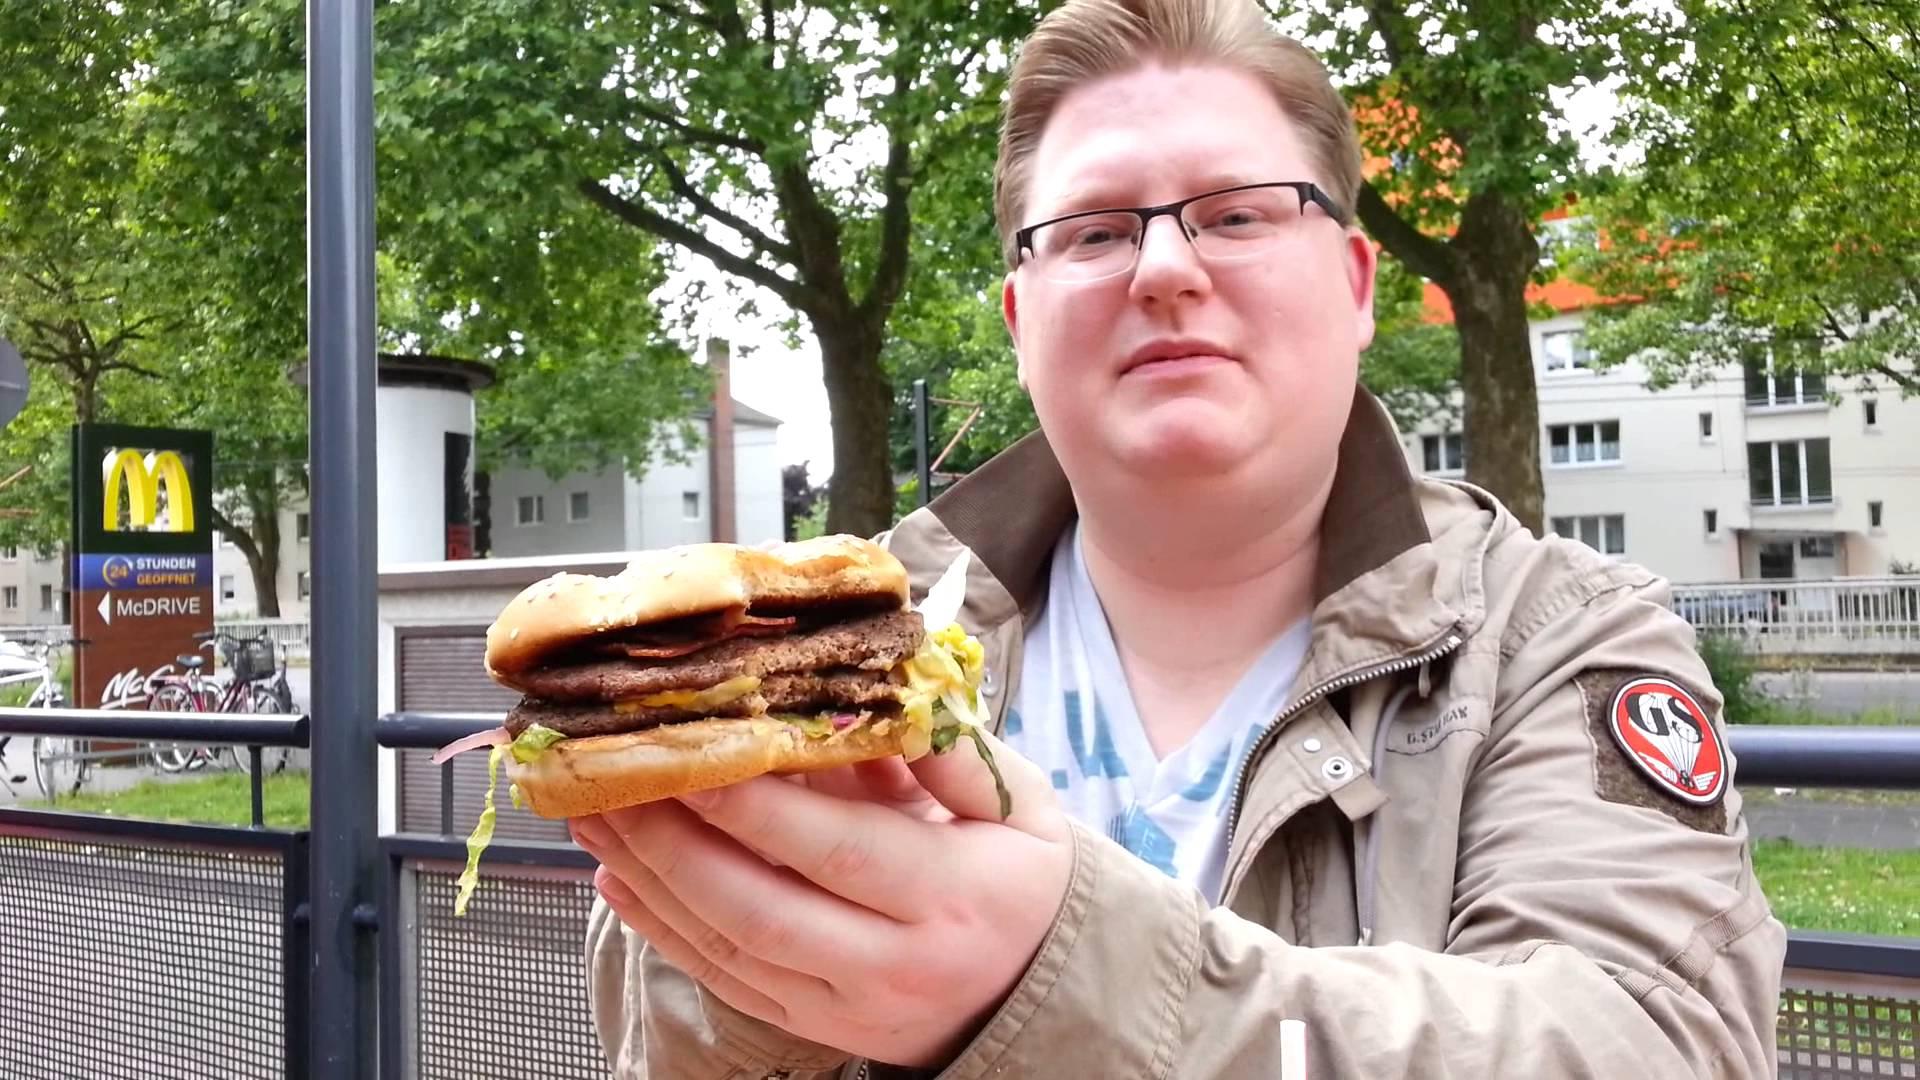 pietsmietburger